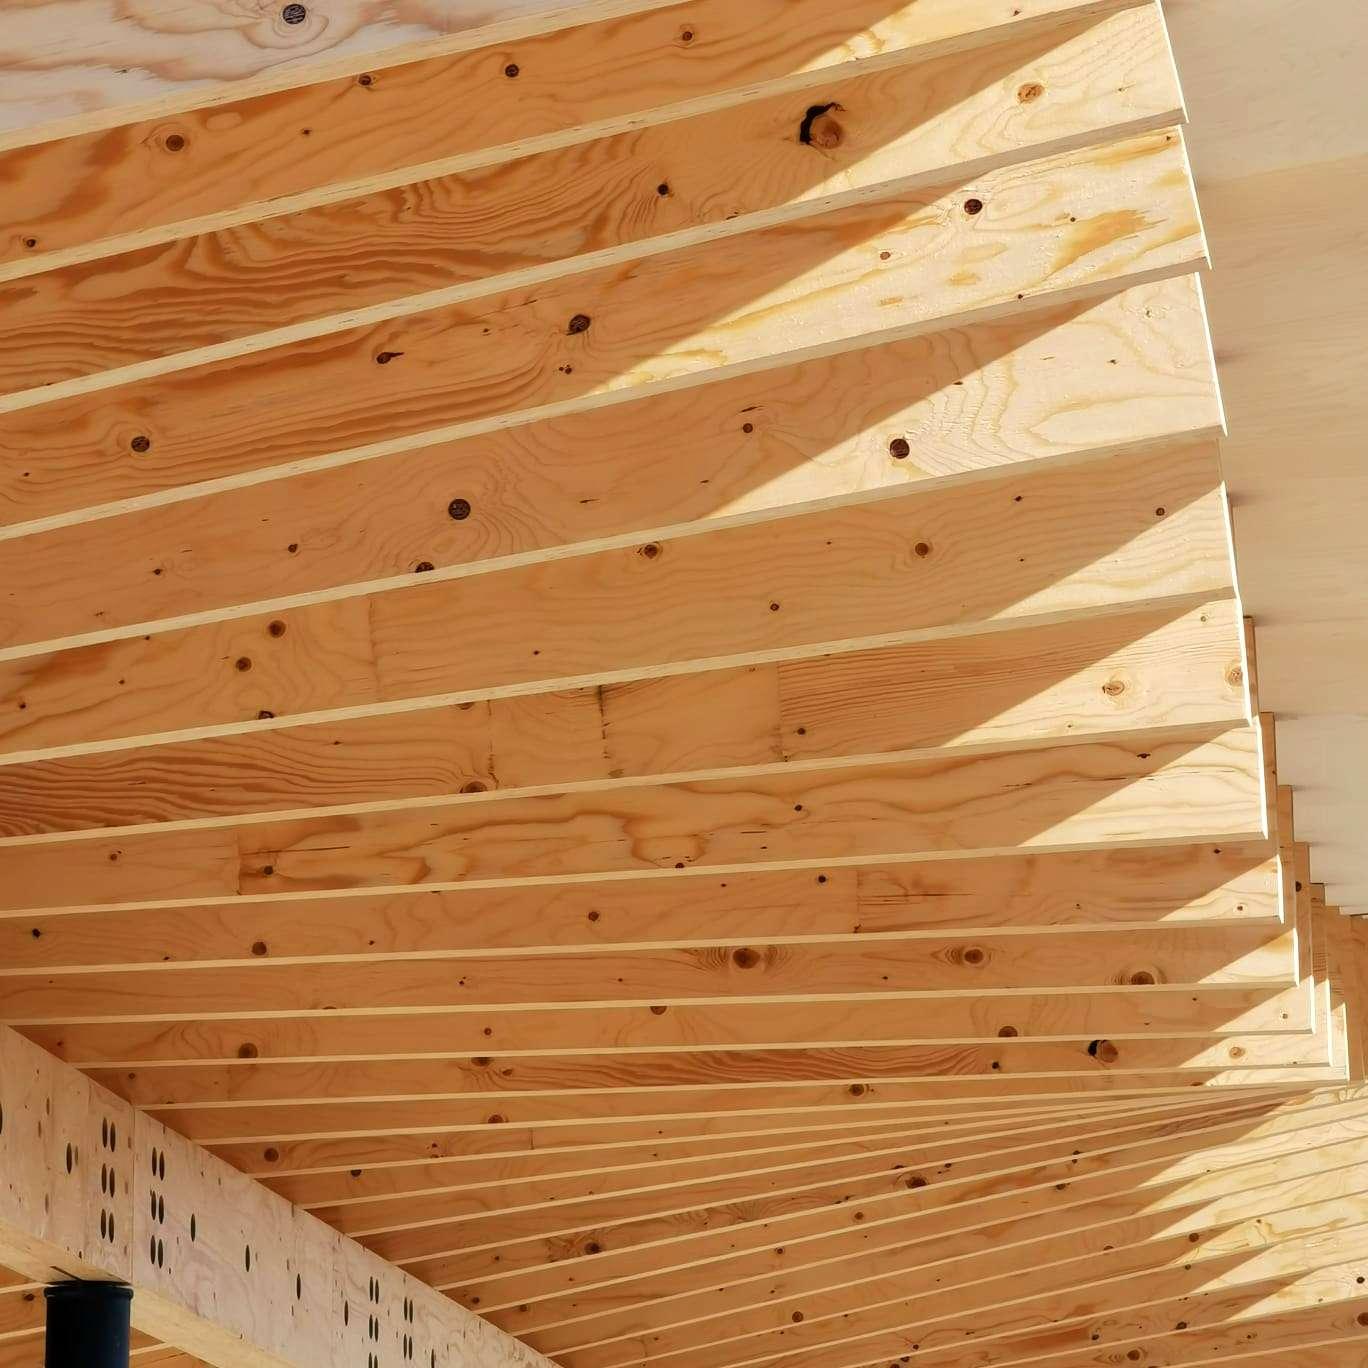 Canopy wood